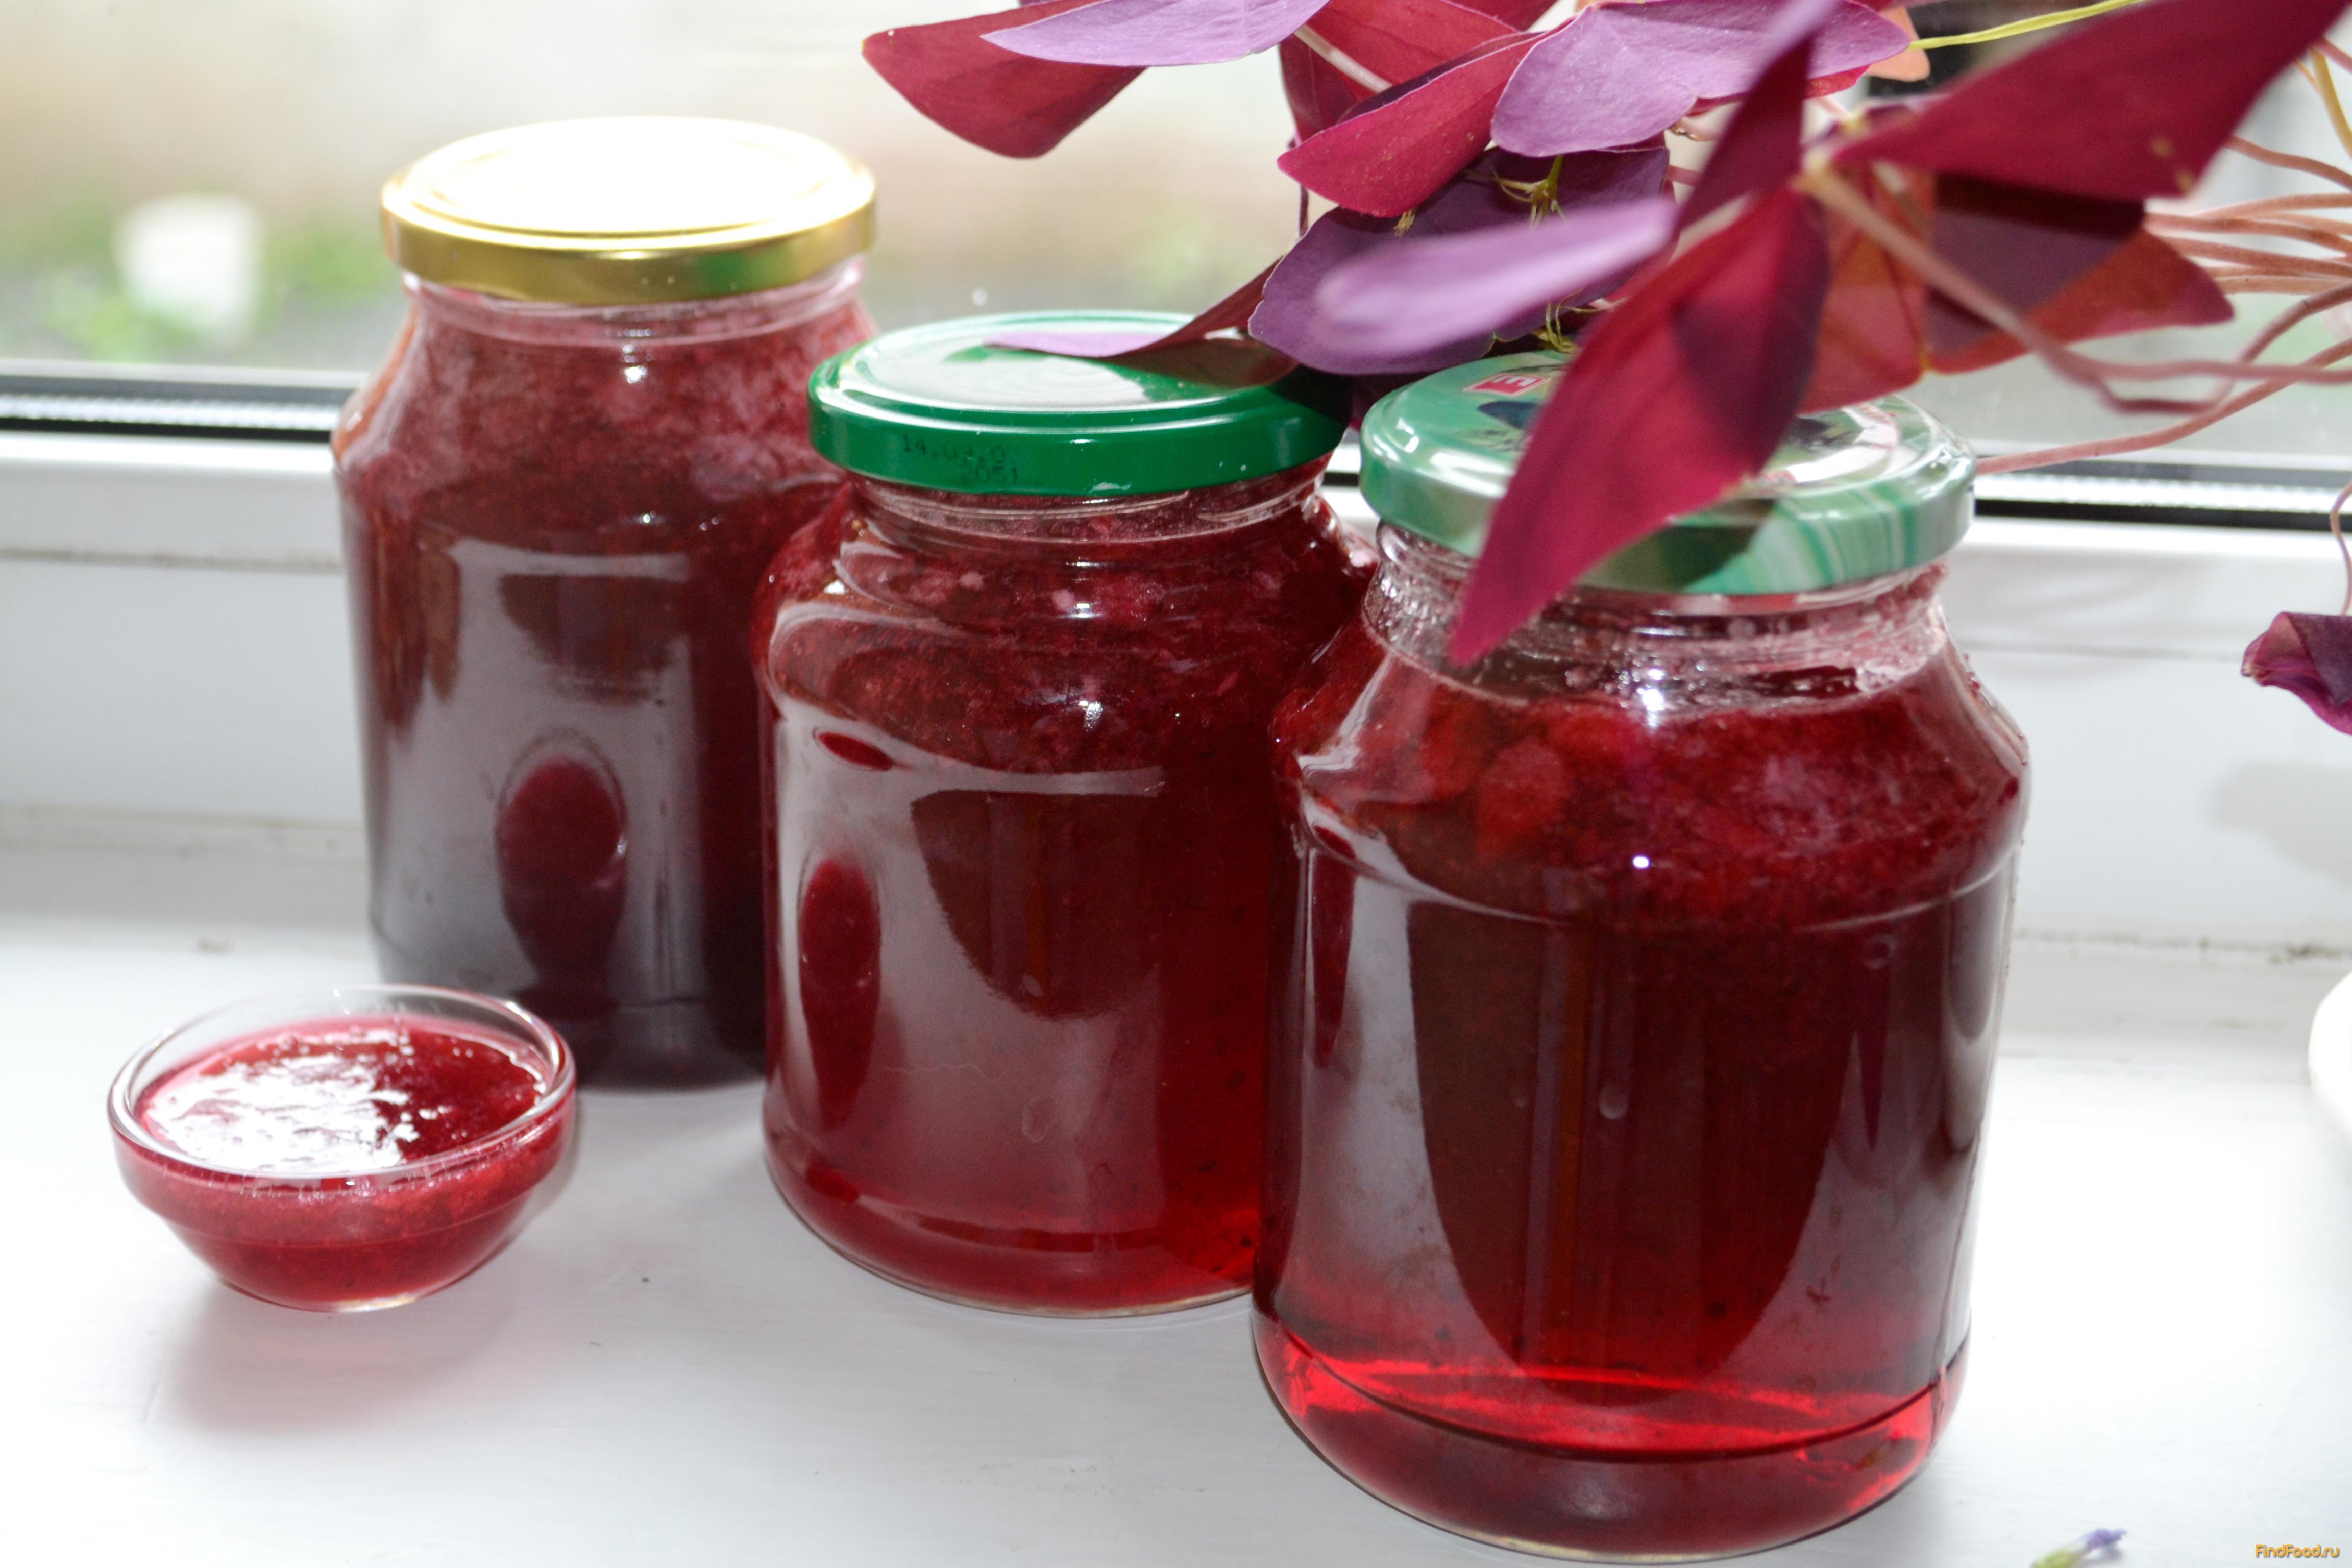 Салат из помидоров на зиму пальчики оближешь: получился как морс, но вкуусныый!!!